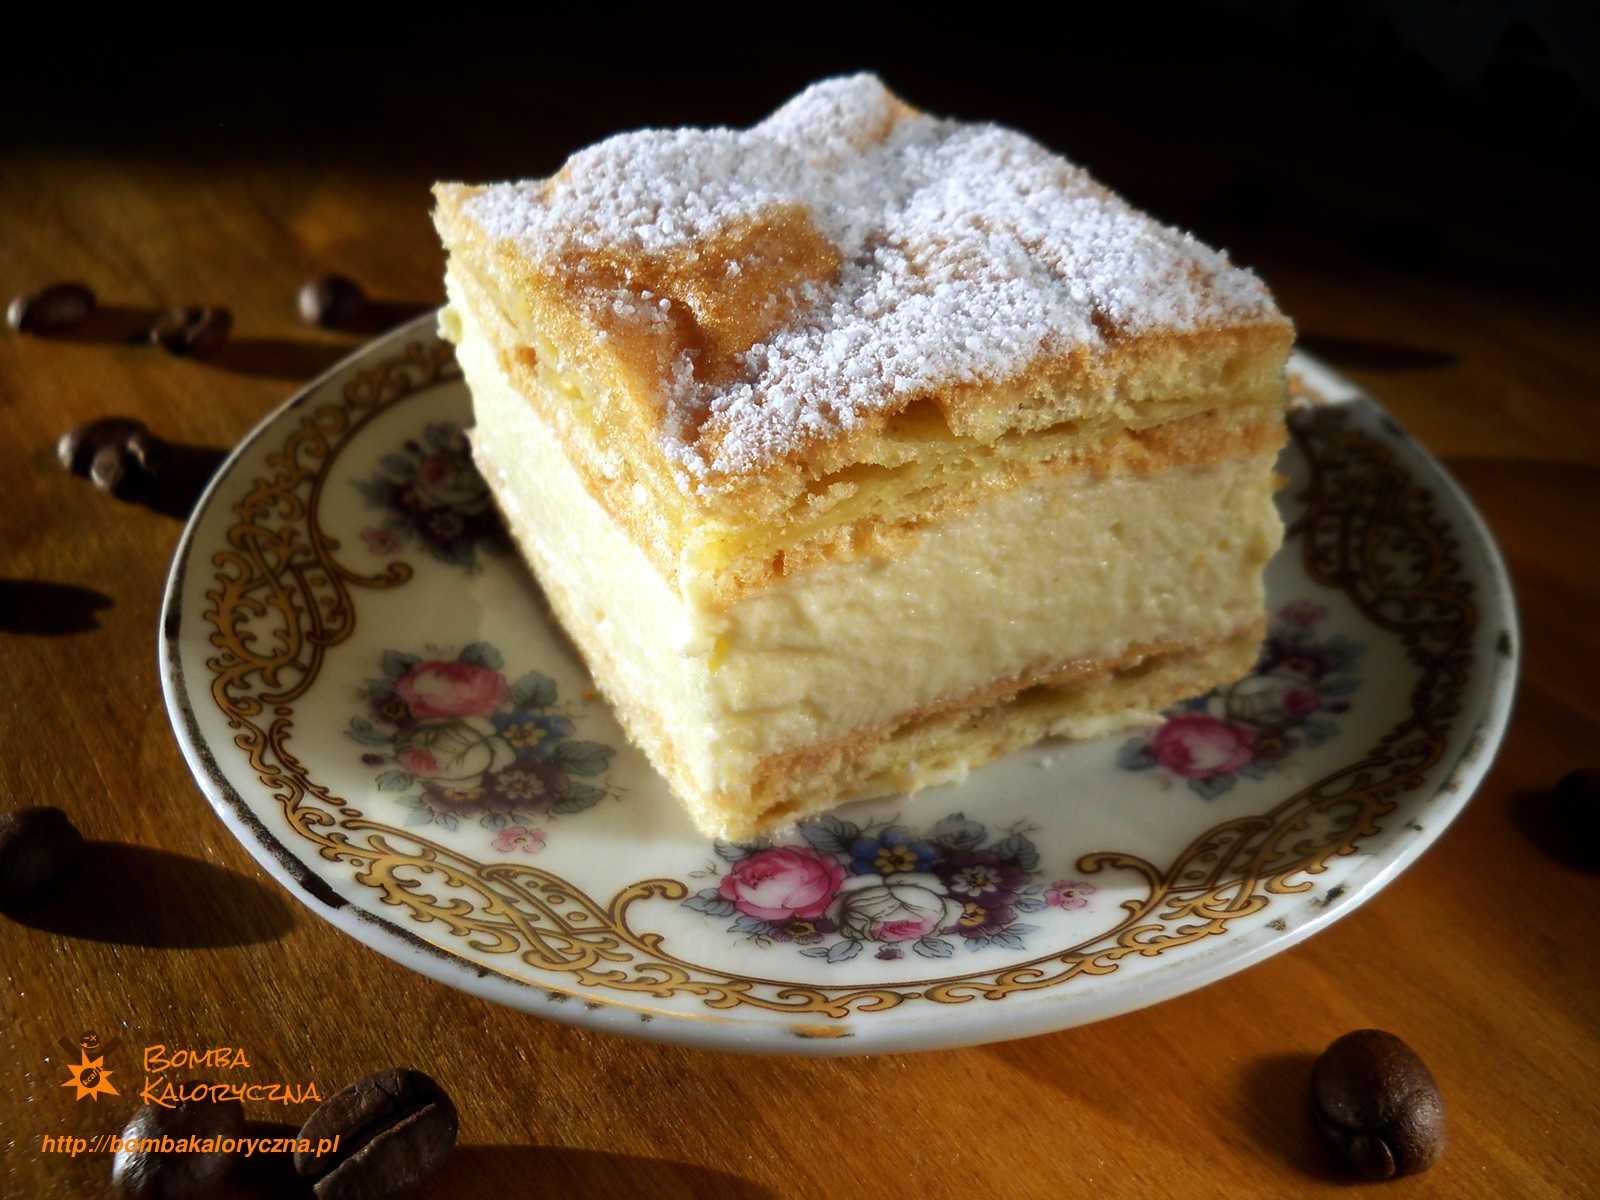 Karpatka —ciasto parzone zkremem budyniowym